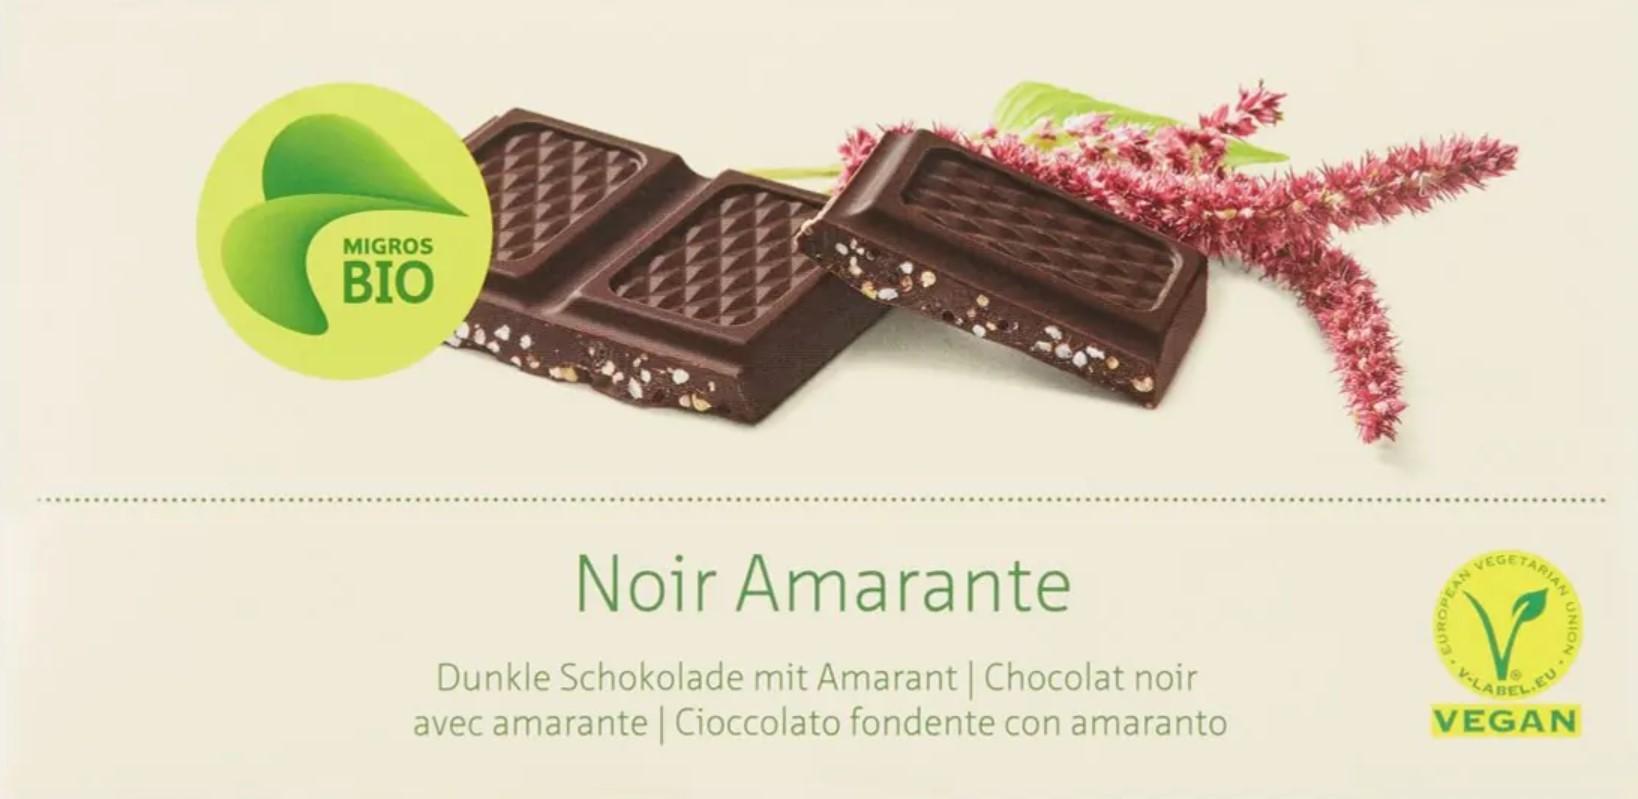 Dunkle Schokolade mit Amarant